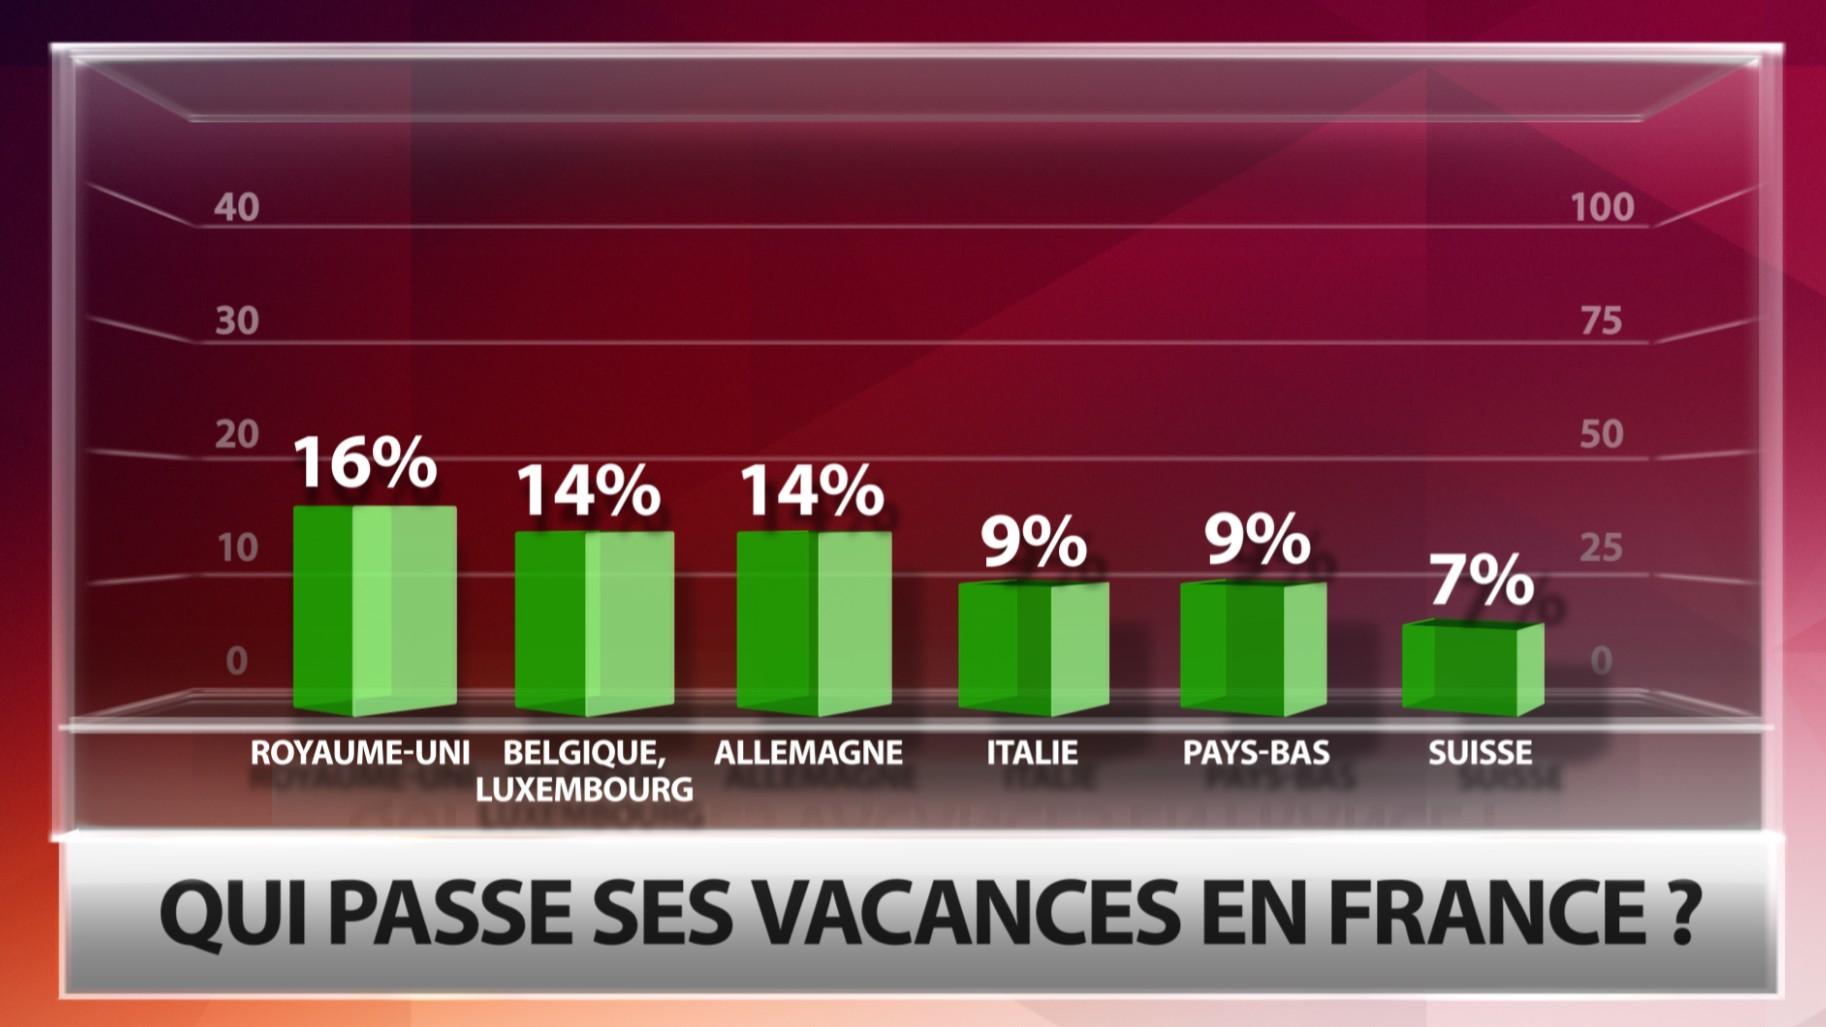 Qui passe ses vacances en France ?